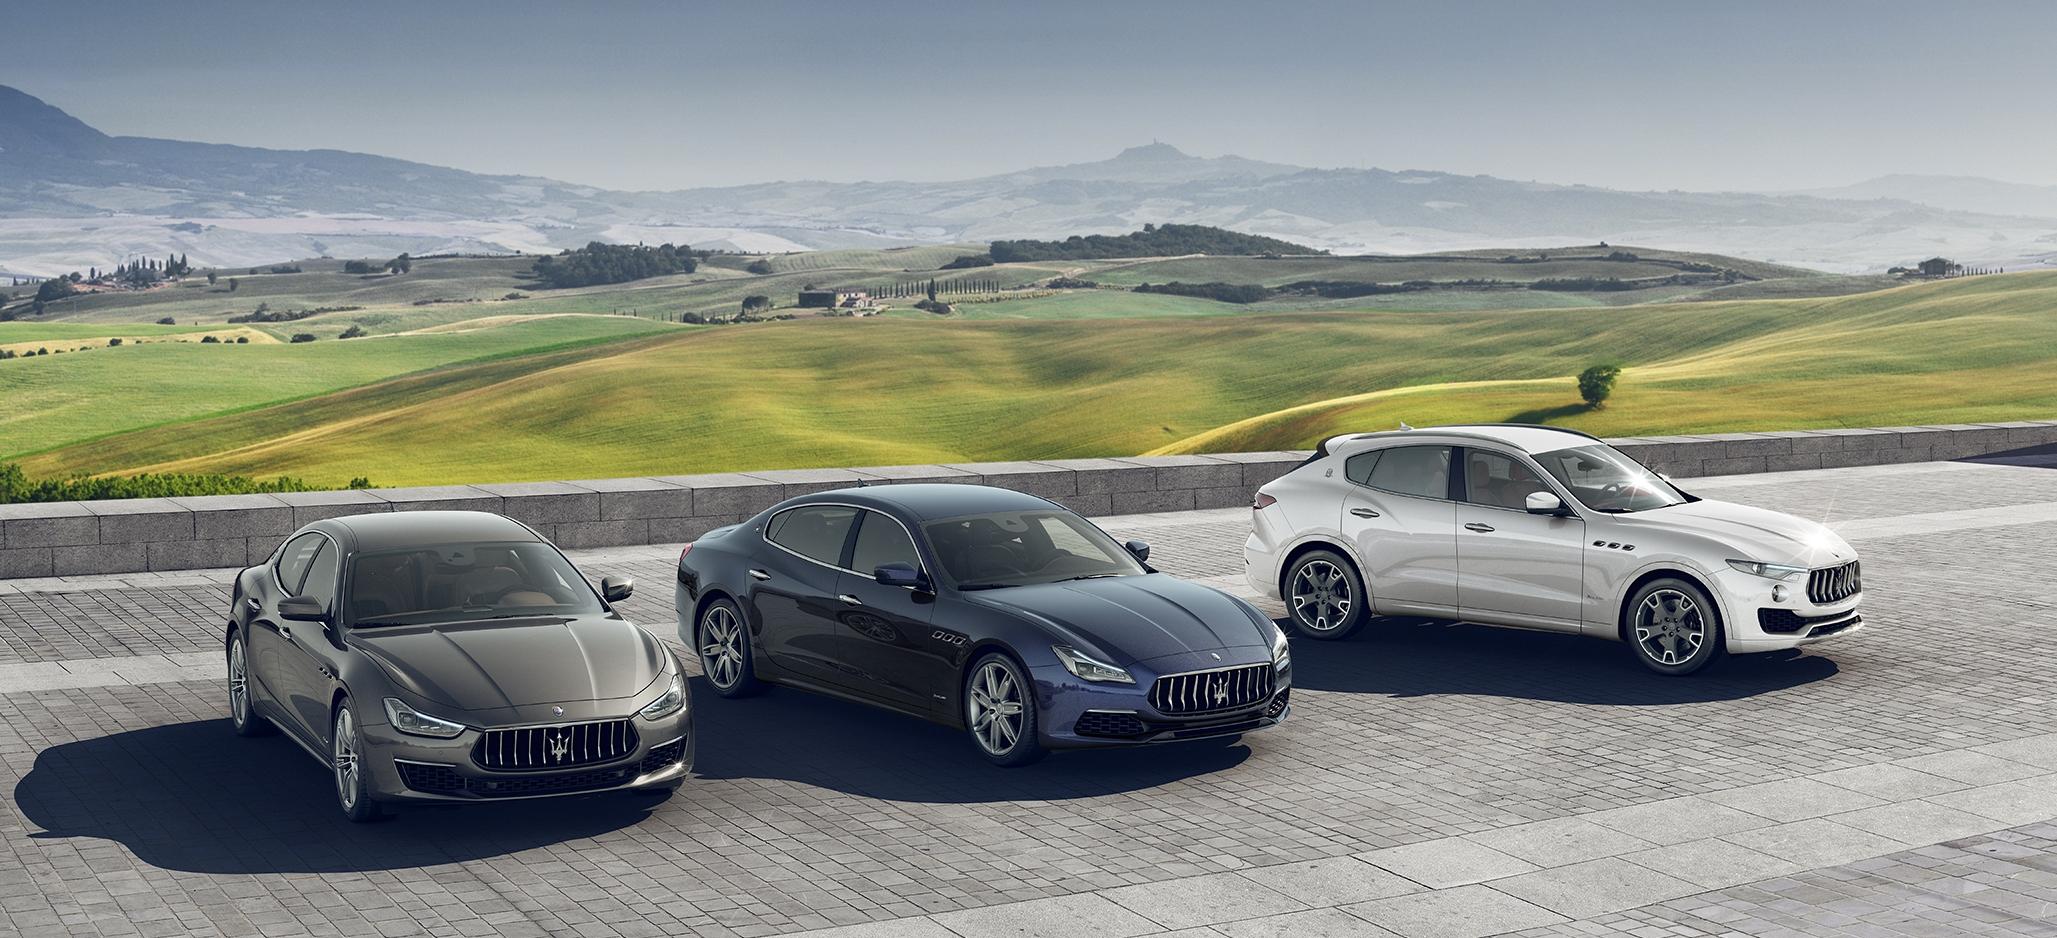 Maserati3 - Maserati invierte US$ 6 millones en Perú para abrir su showroom más grande de la región